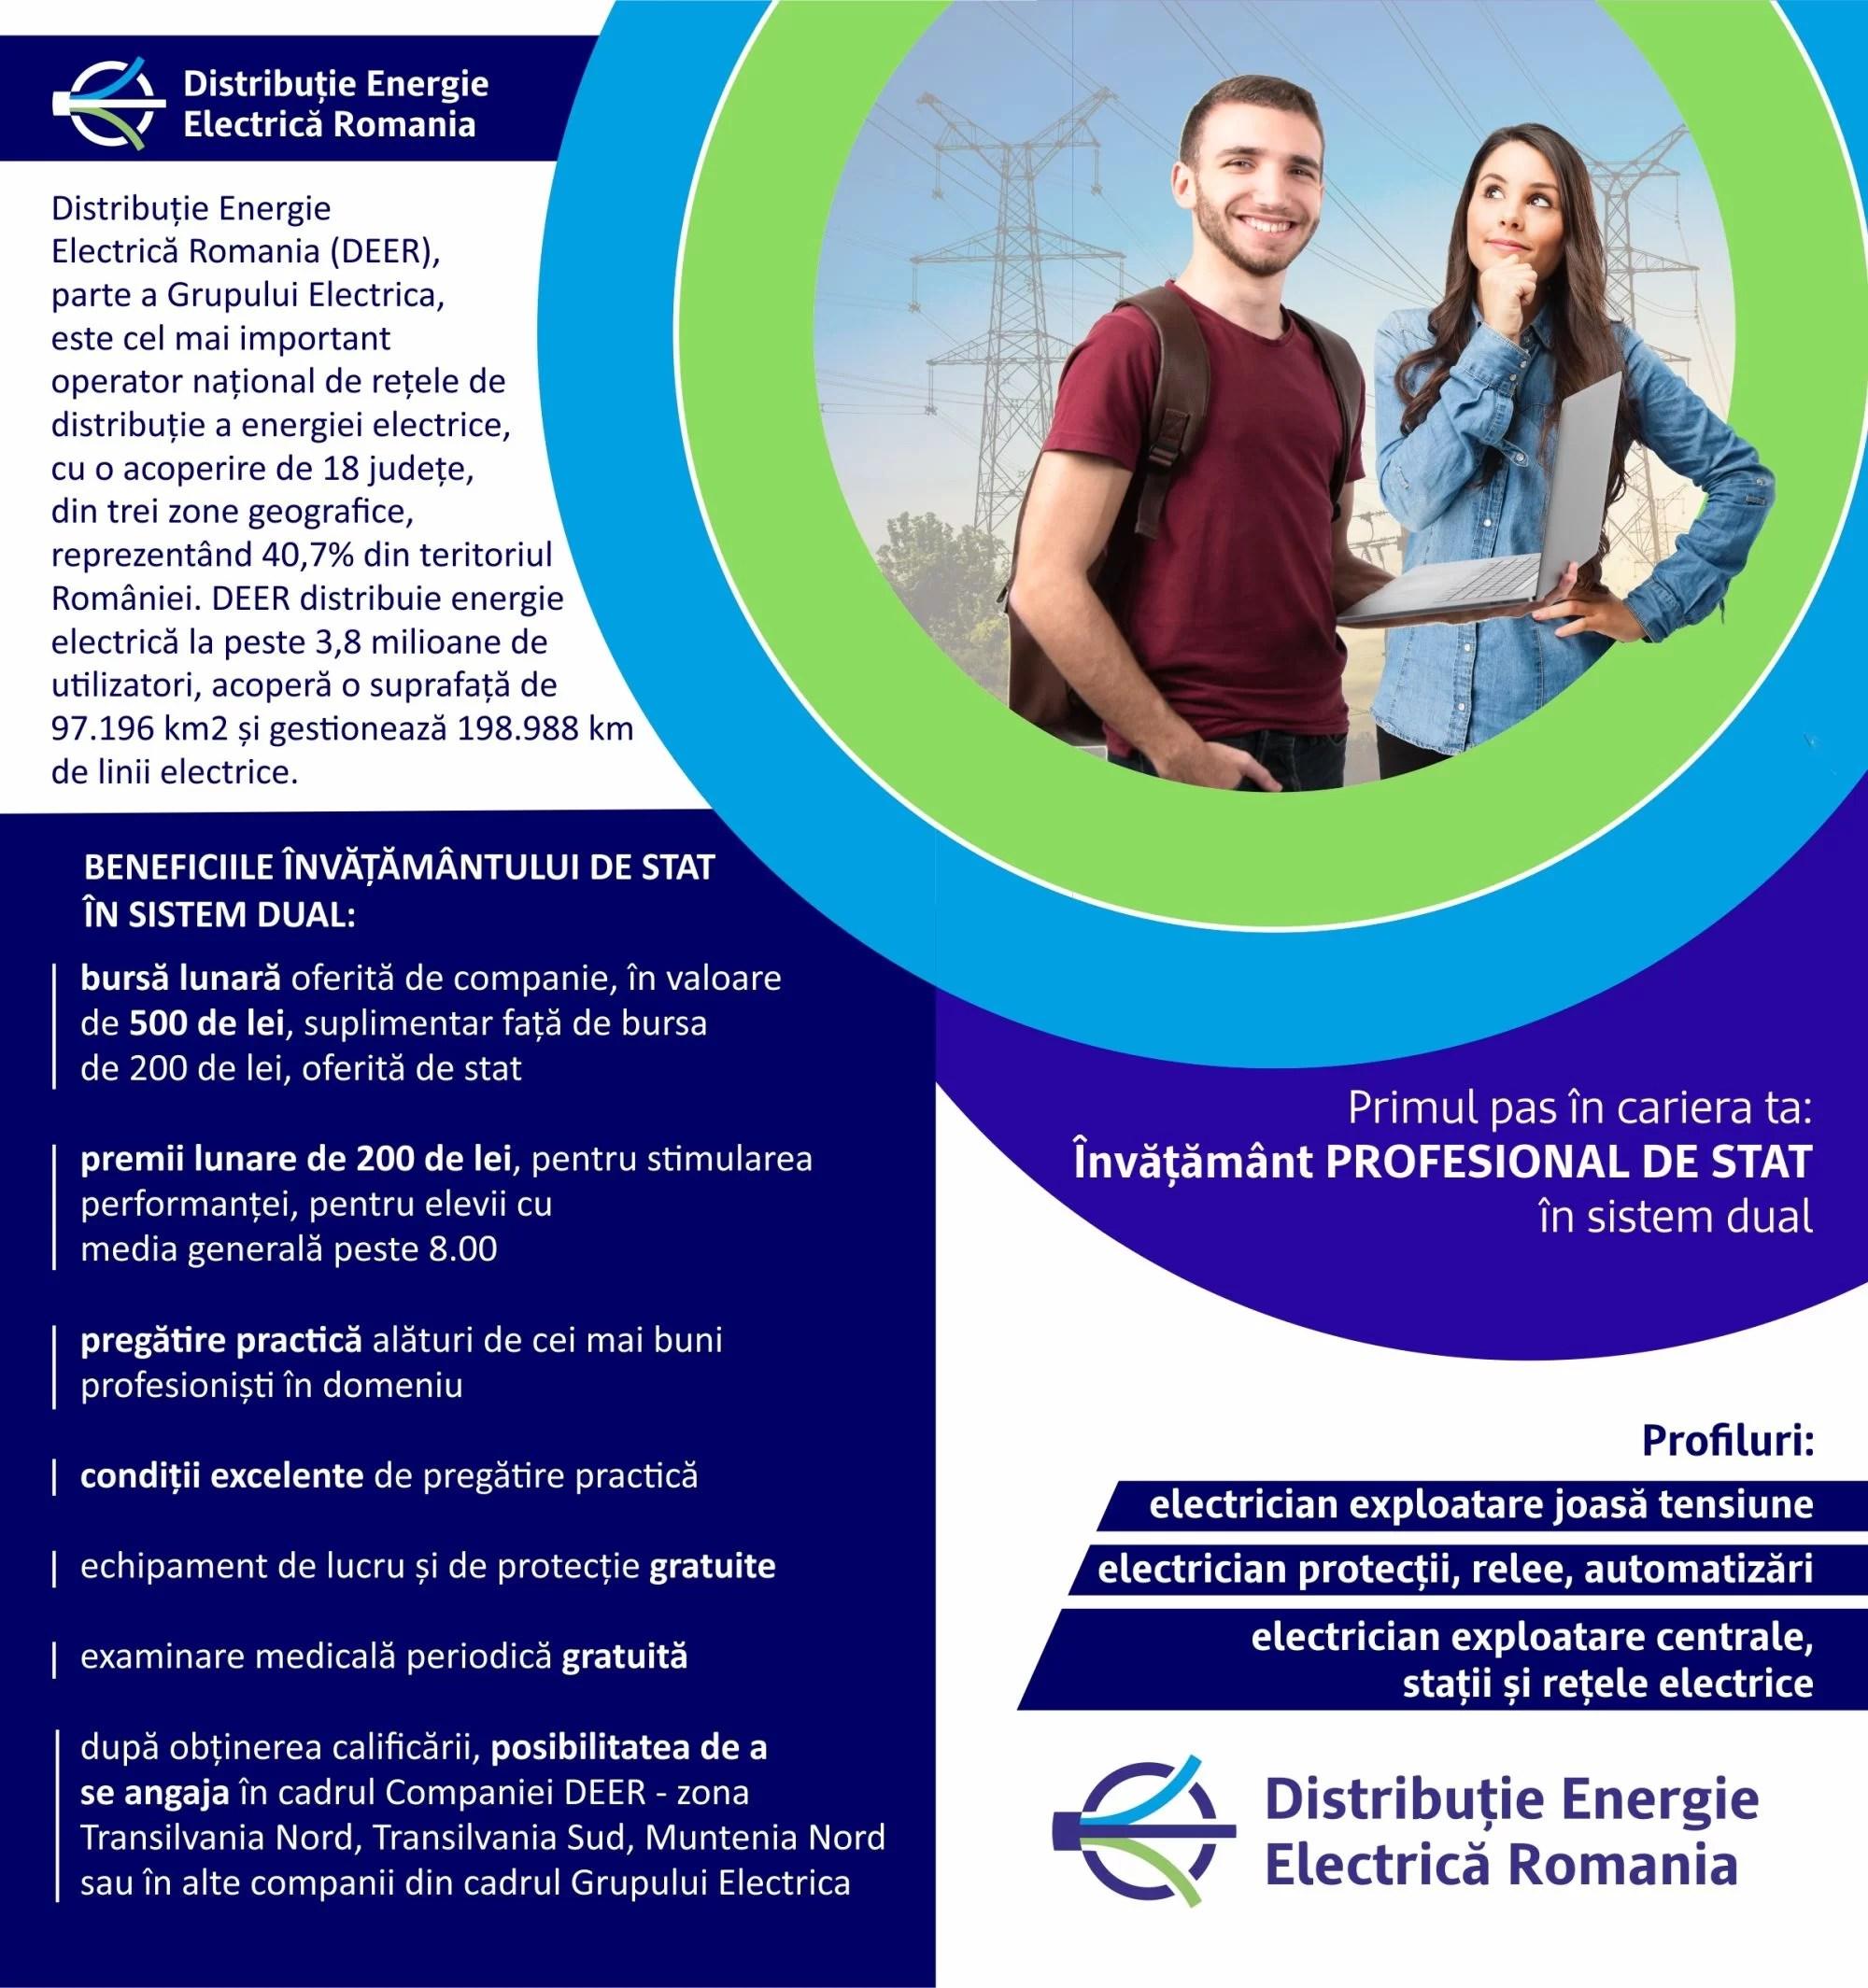 """Electrica (DEER) organizează o clasă de electricieni la Liceul Energetic """"Elie Radu"""" Ploiești – bursă și angajare la absolvire"""